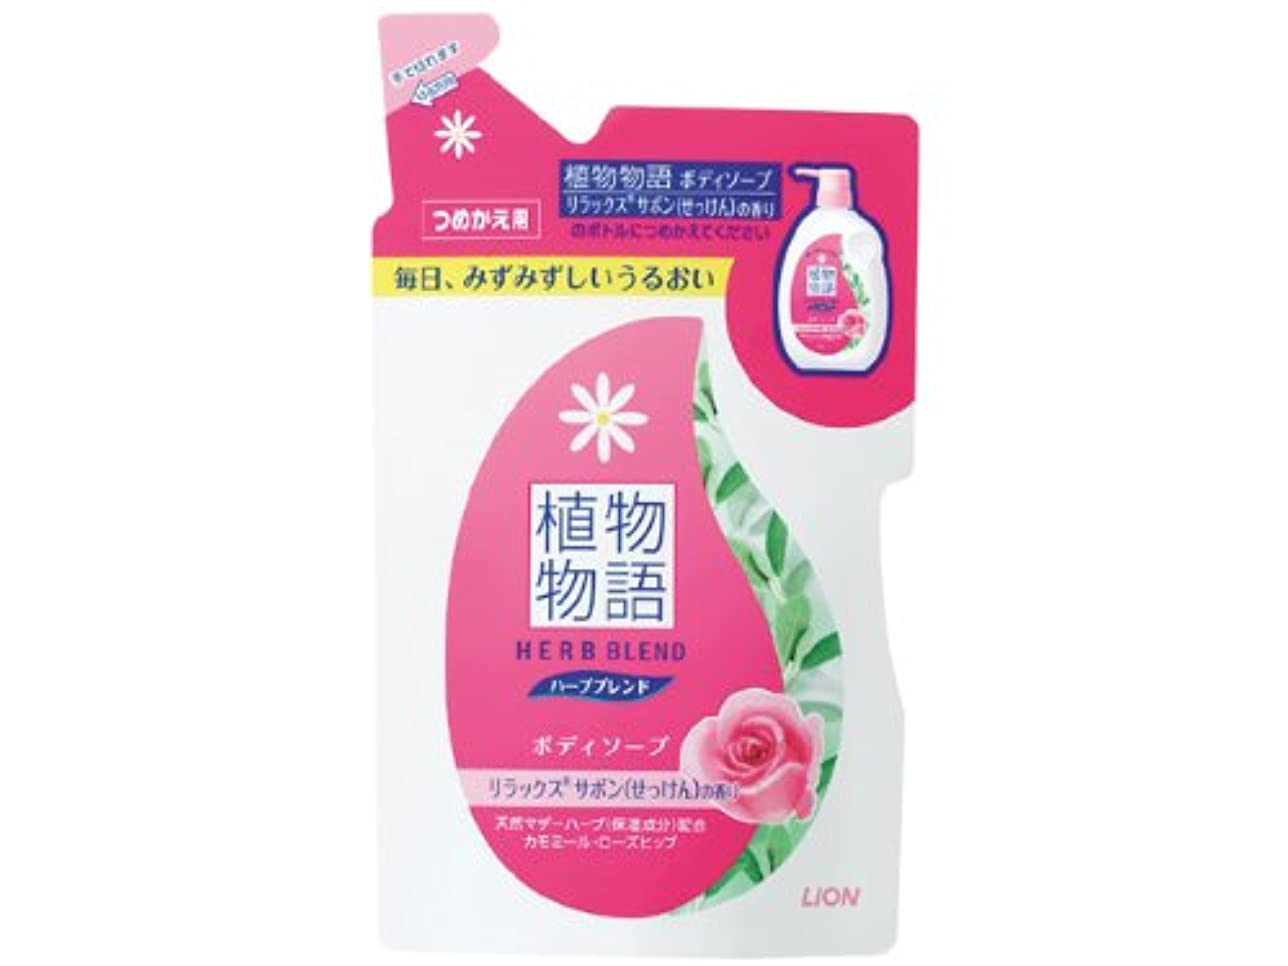 スリッパバレエけん引植物物語 ハーブブレンド ボディソープ リラックスサボン(せっけん)の香り つめかえ用 420mL